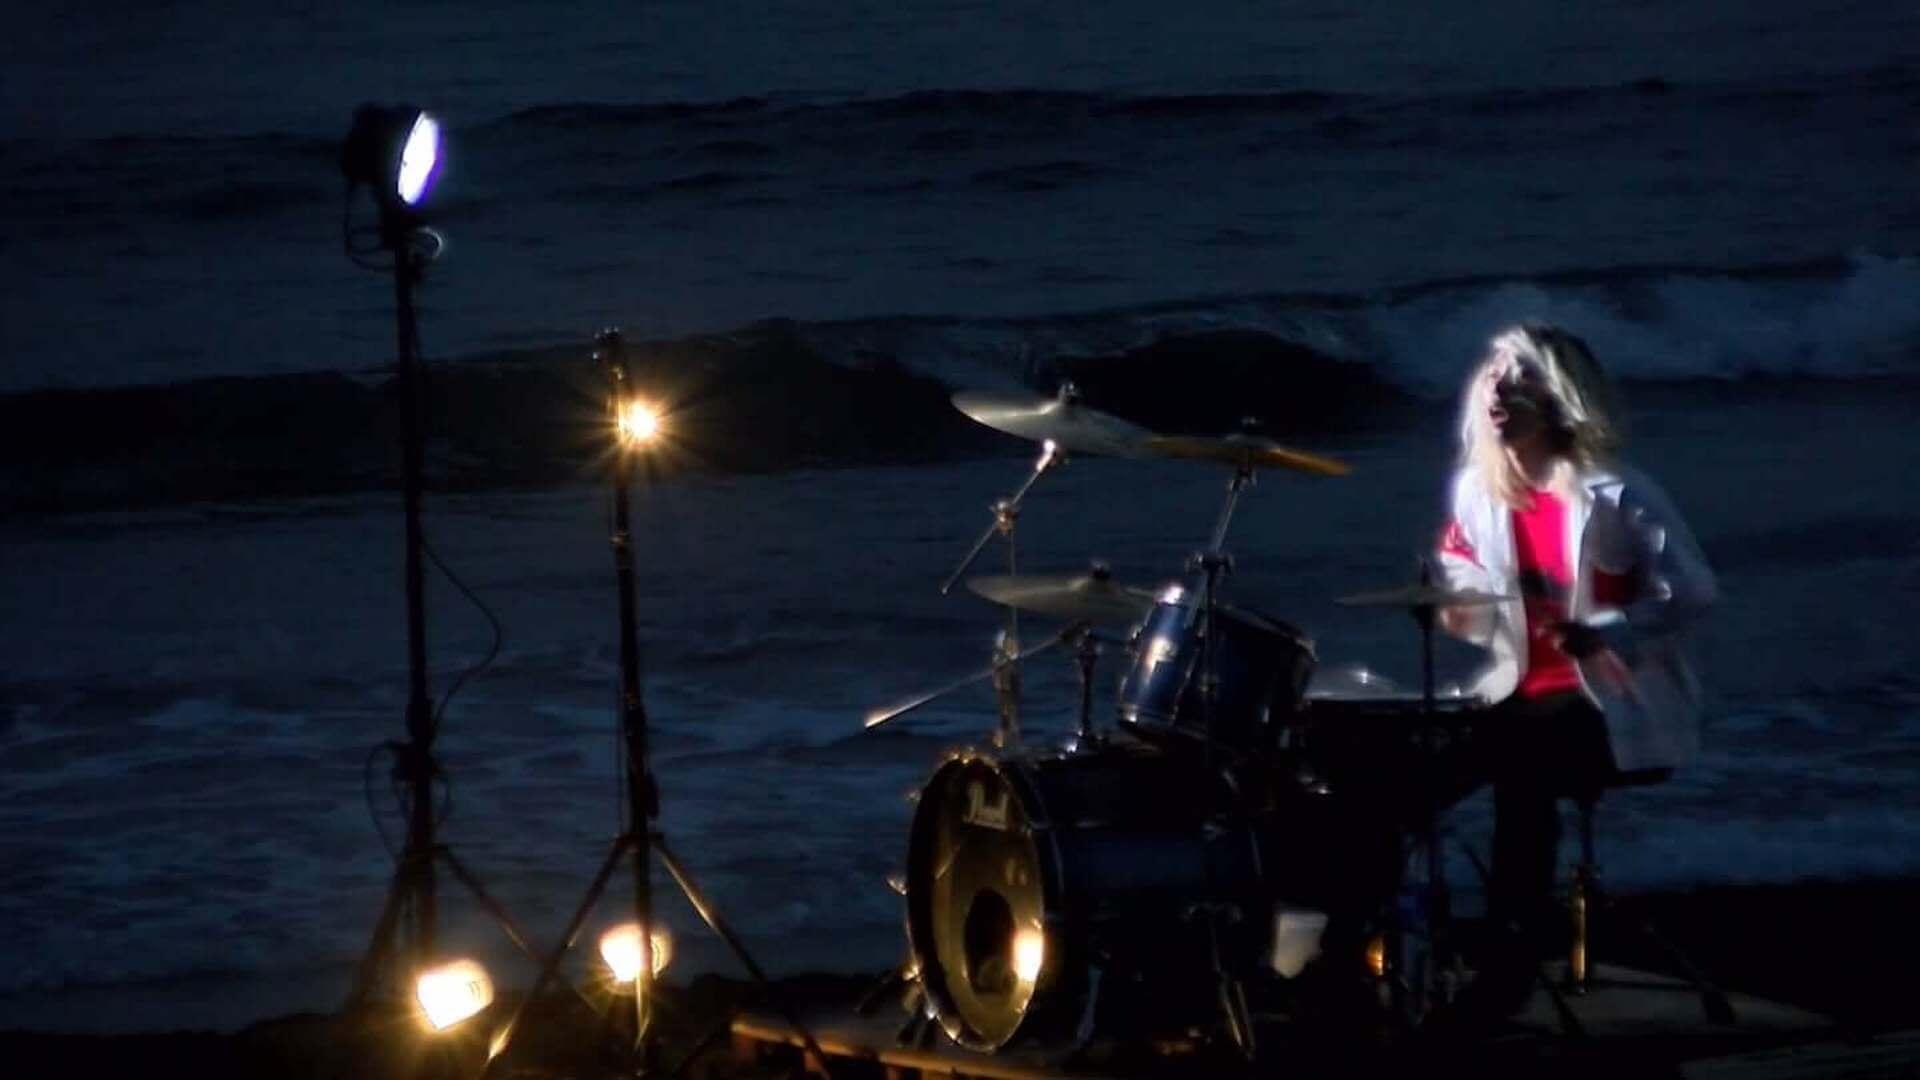 映像作品『Last Language 〜30hours drumming〜』の1日限定上映会がシネマート新宿にて開催決定!GEZANメンバー、神谷亮佑監督も登壇 music200923_lastlanguage_4-1920x1080